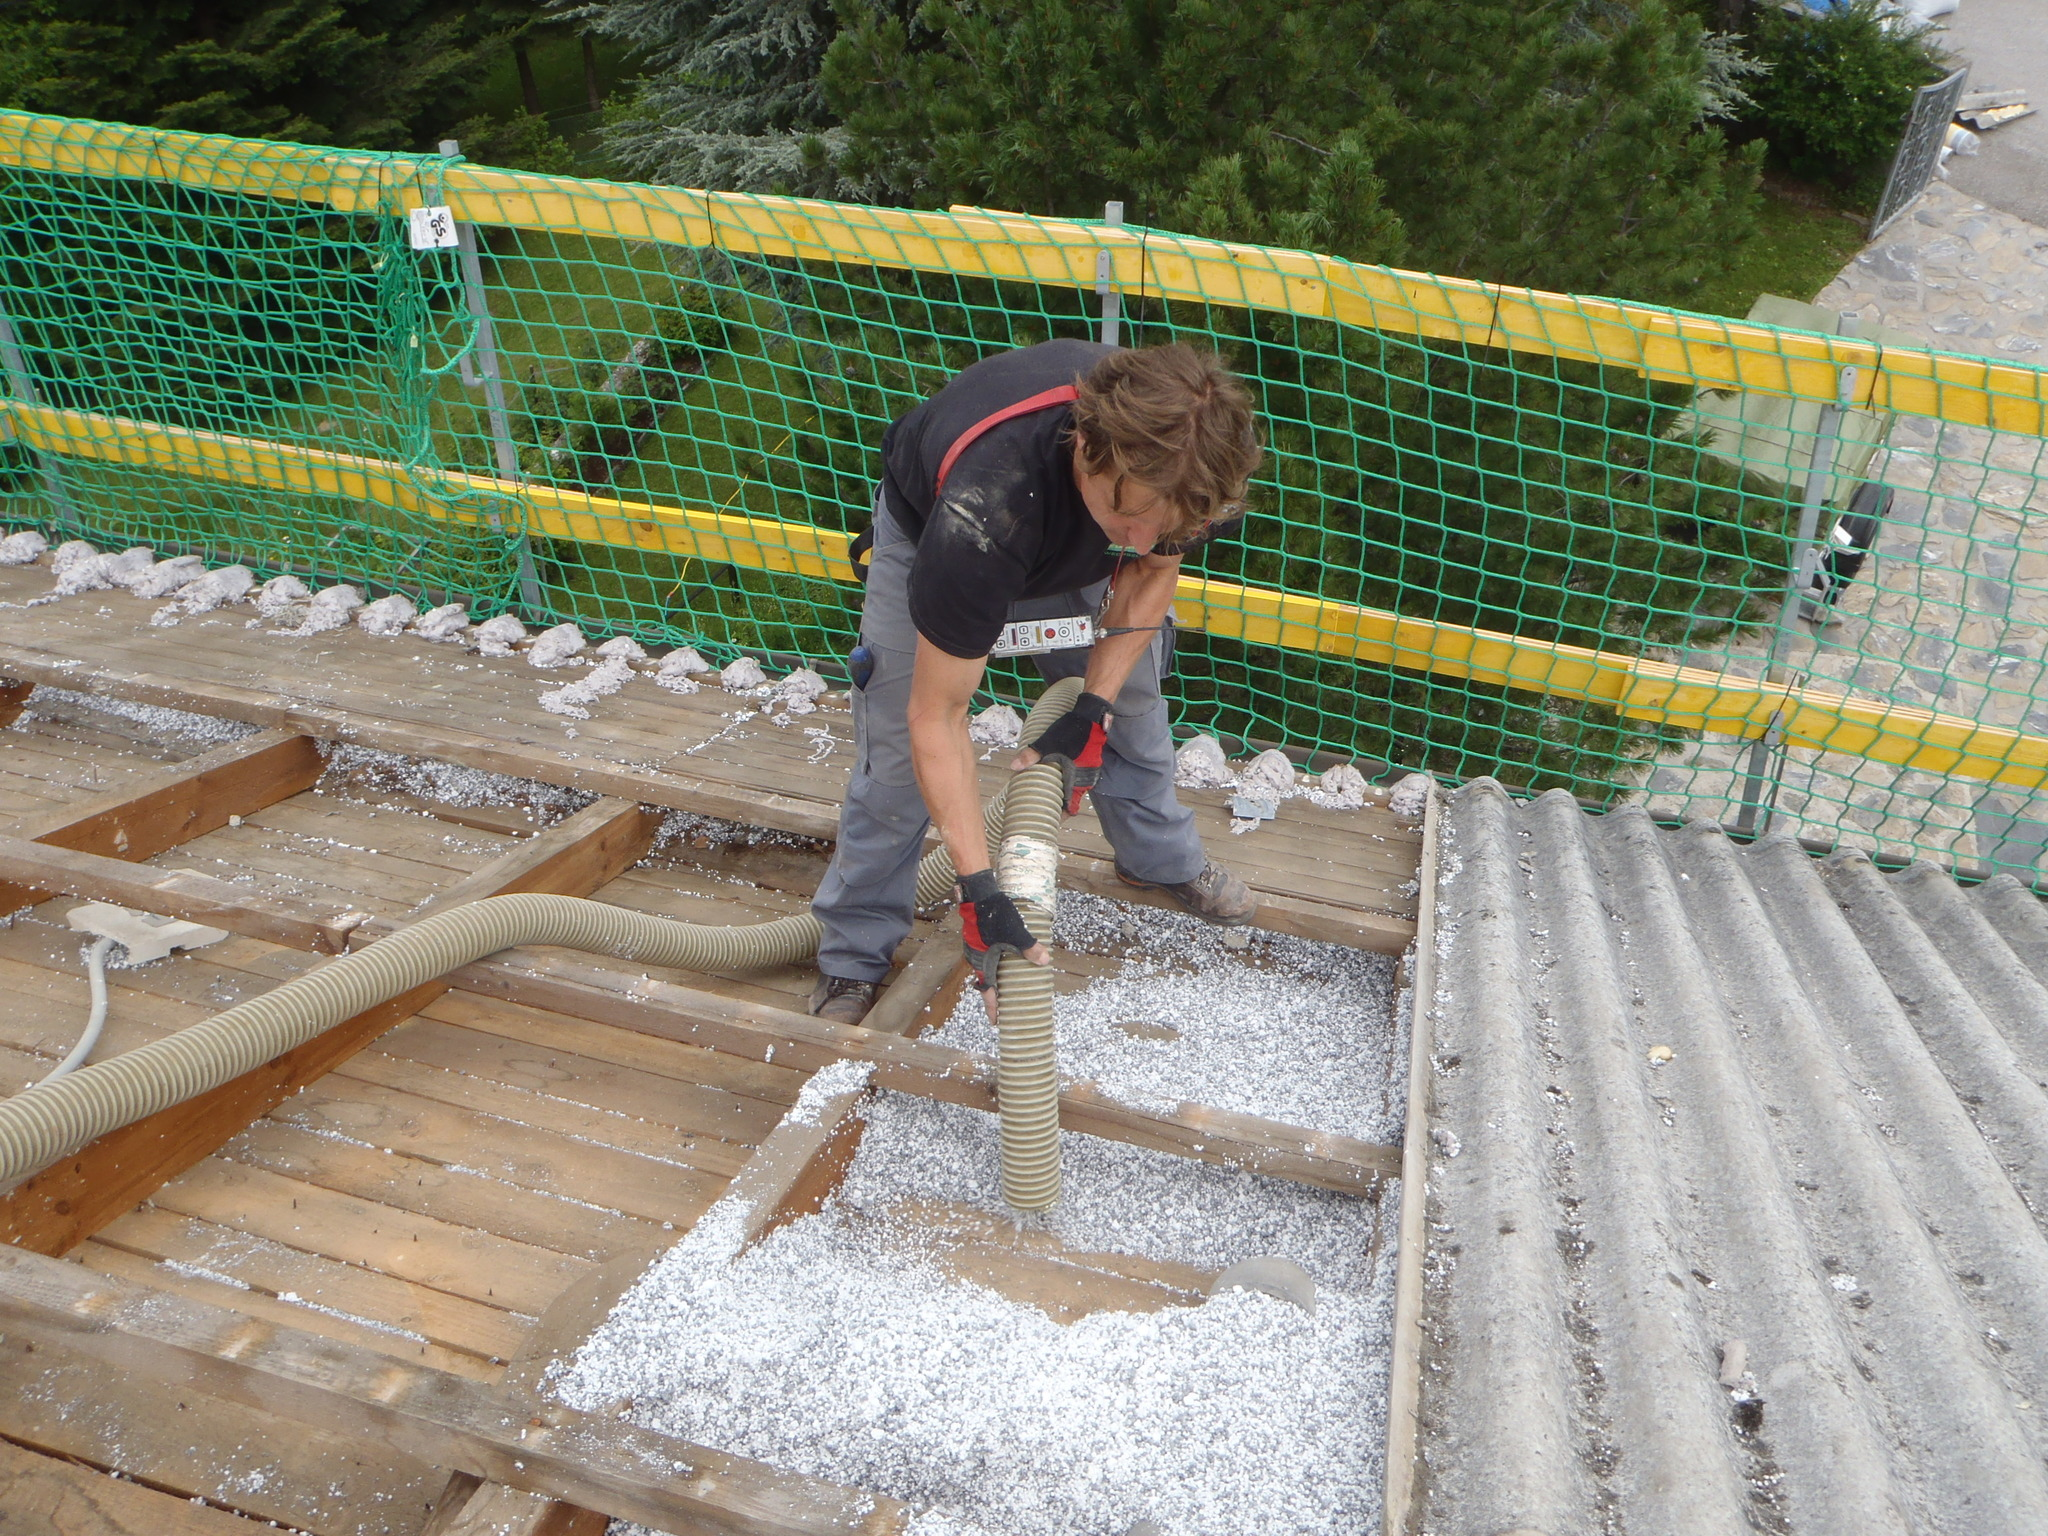 der profi für trockenausbau und dämmtechnik - hartberg-fürstenfeld